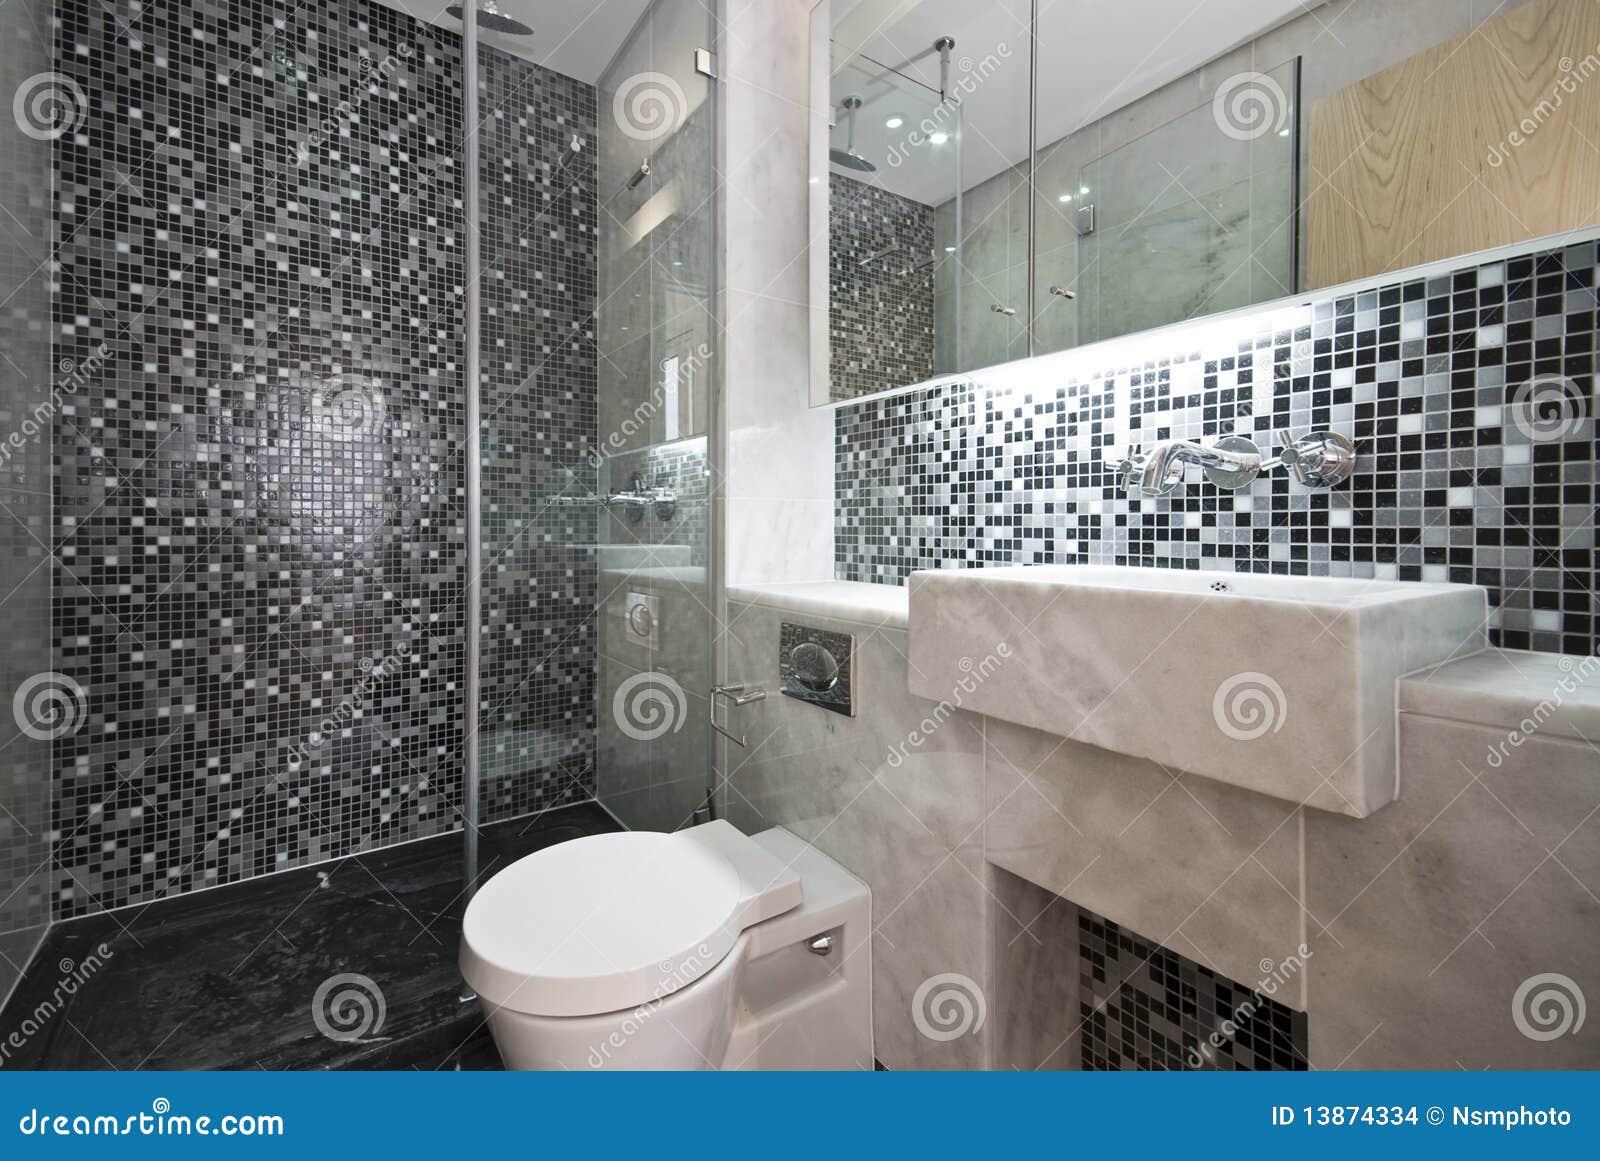 banheiro moderno em preto e branco com mosaico telhou paredes e a  #746657 1300 960